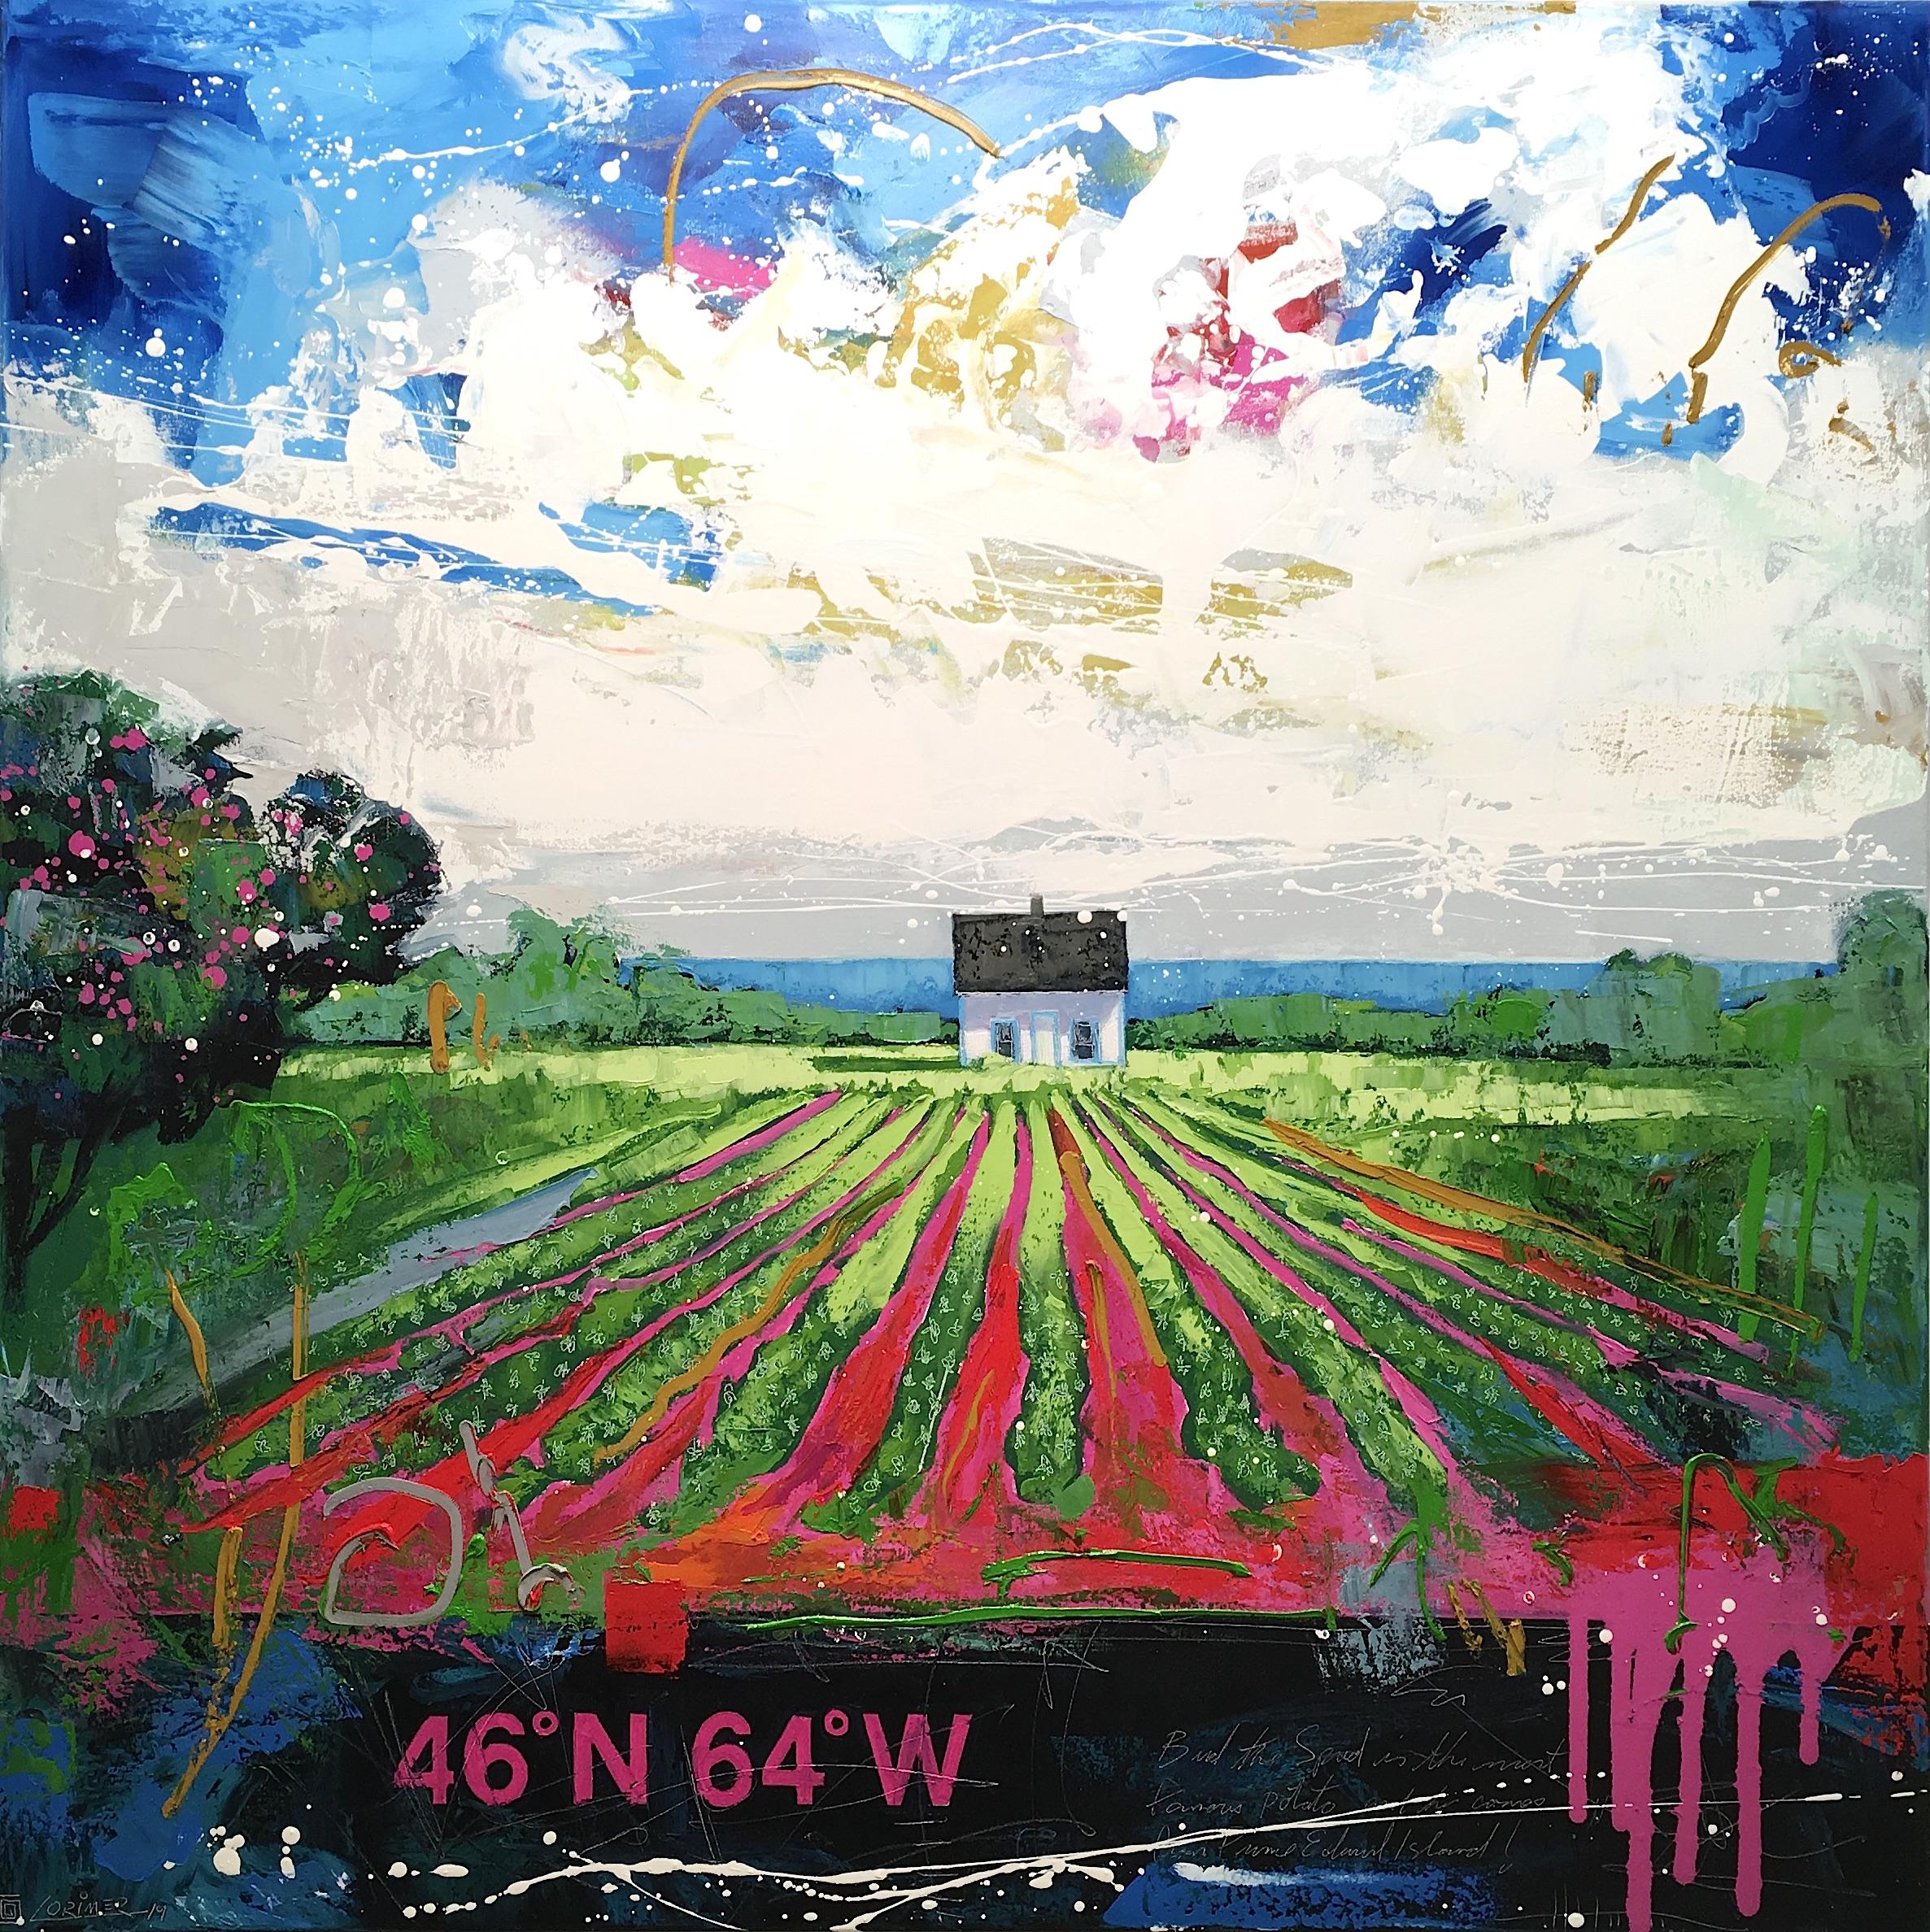 """46ºN 64ºW - Potato Field (40"""" x 40"""")"""